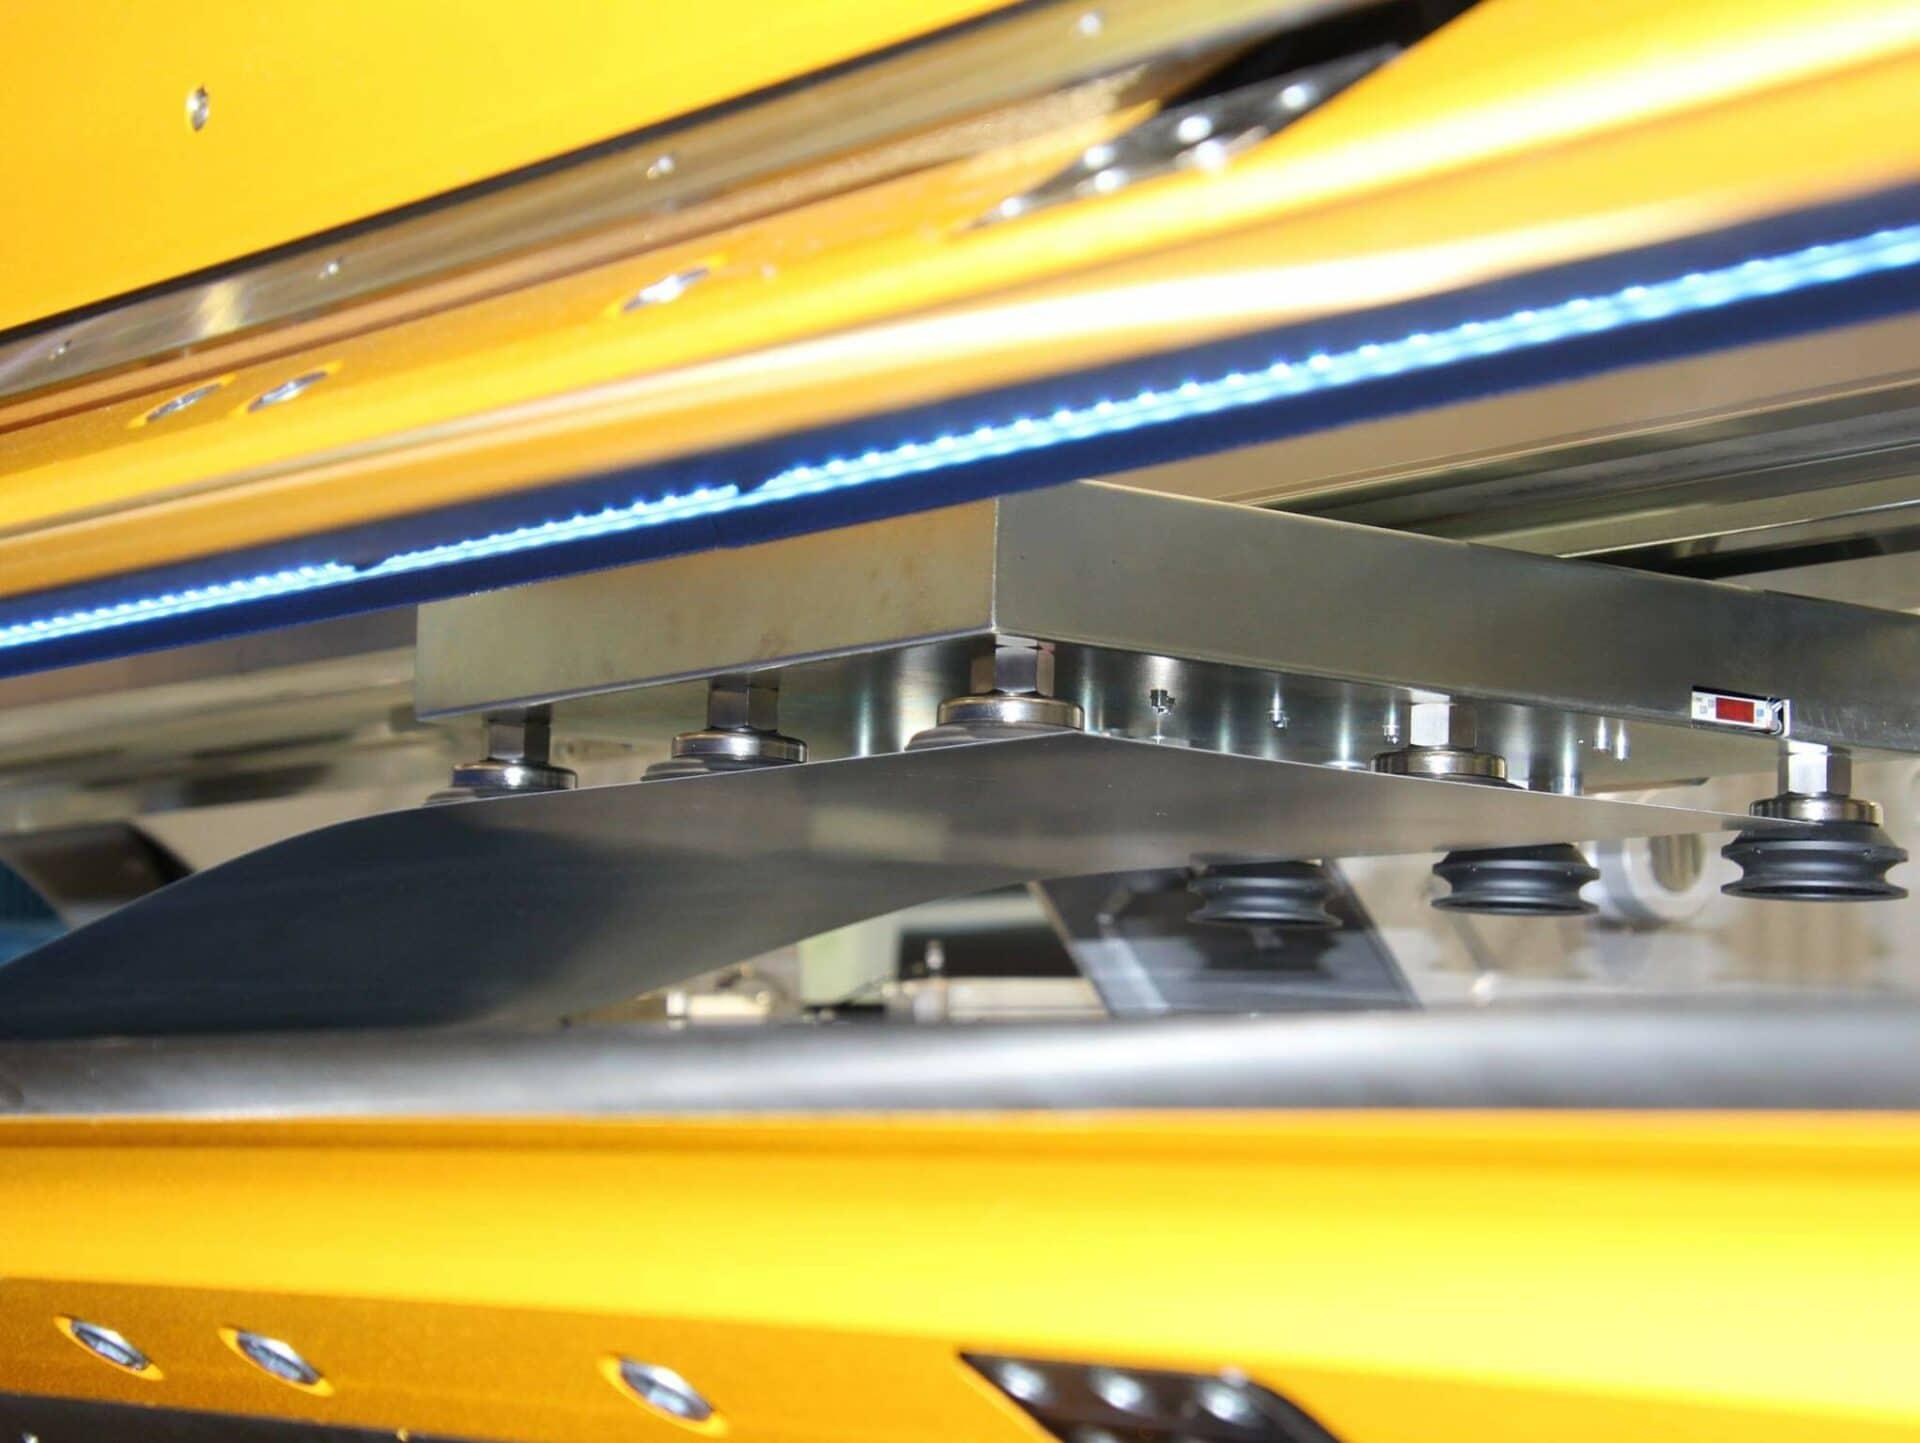 PRÄZISE:Das automatisch eingezogene Blech wird schnell und präzise an der gewünschten Stelle positioniert und abgelegt.